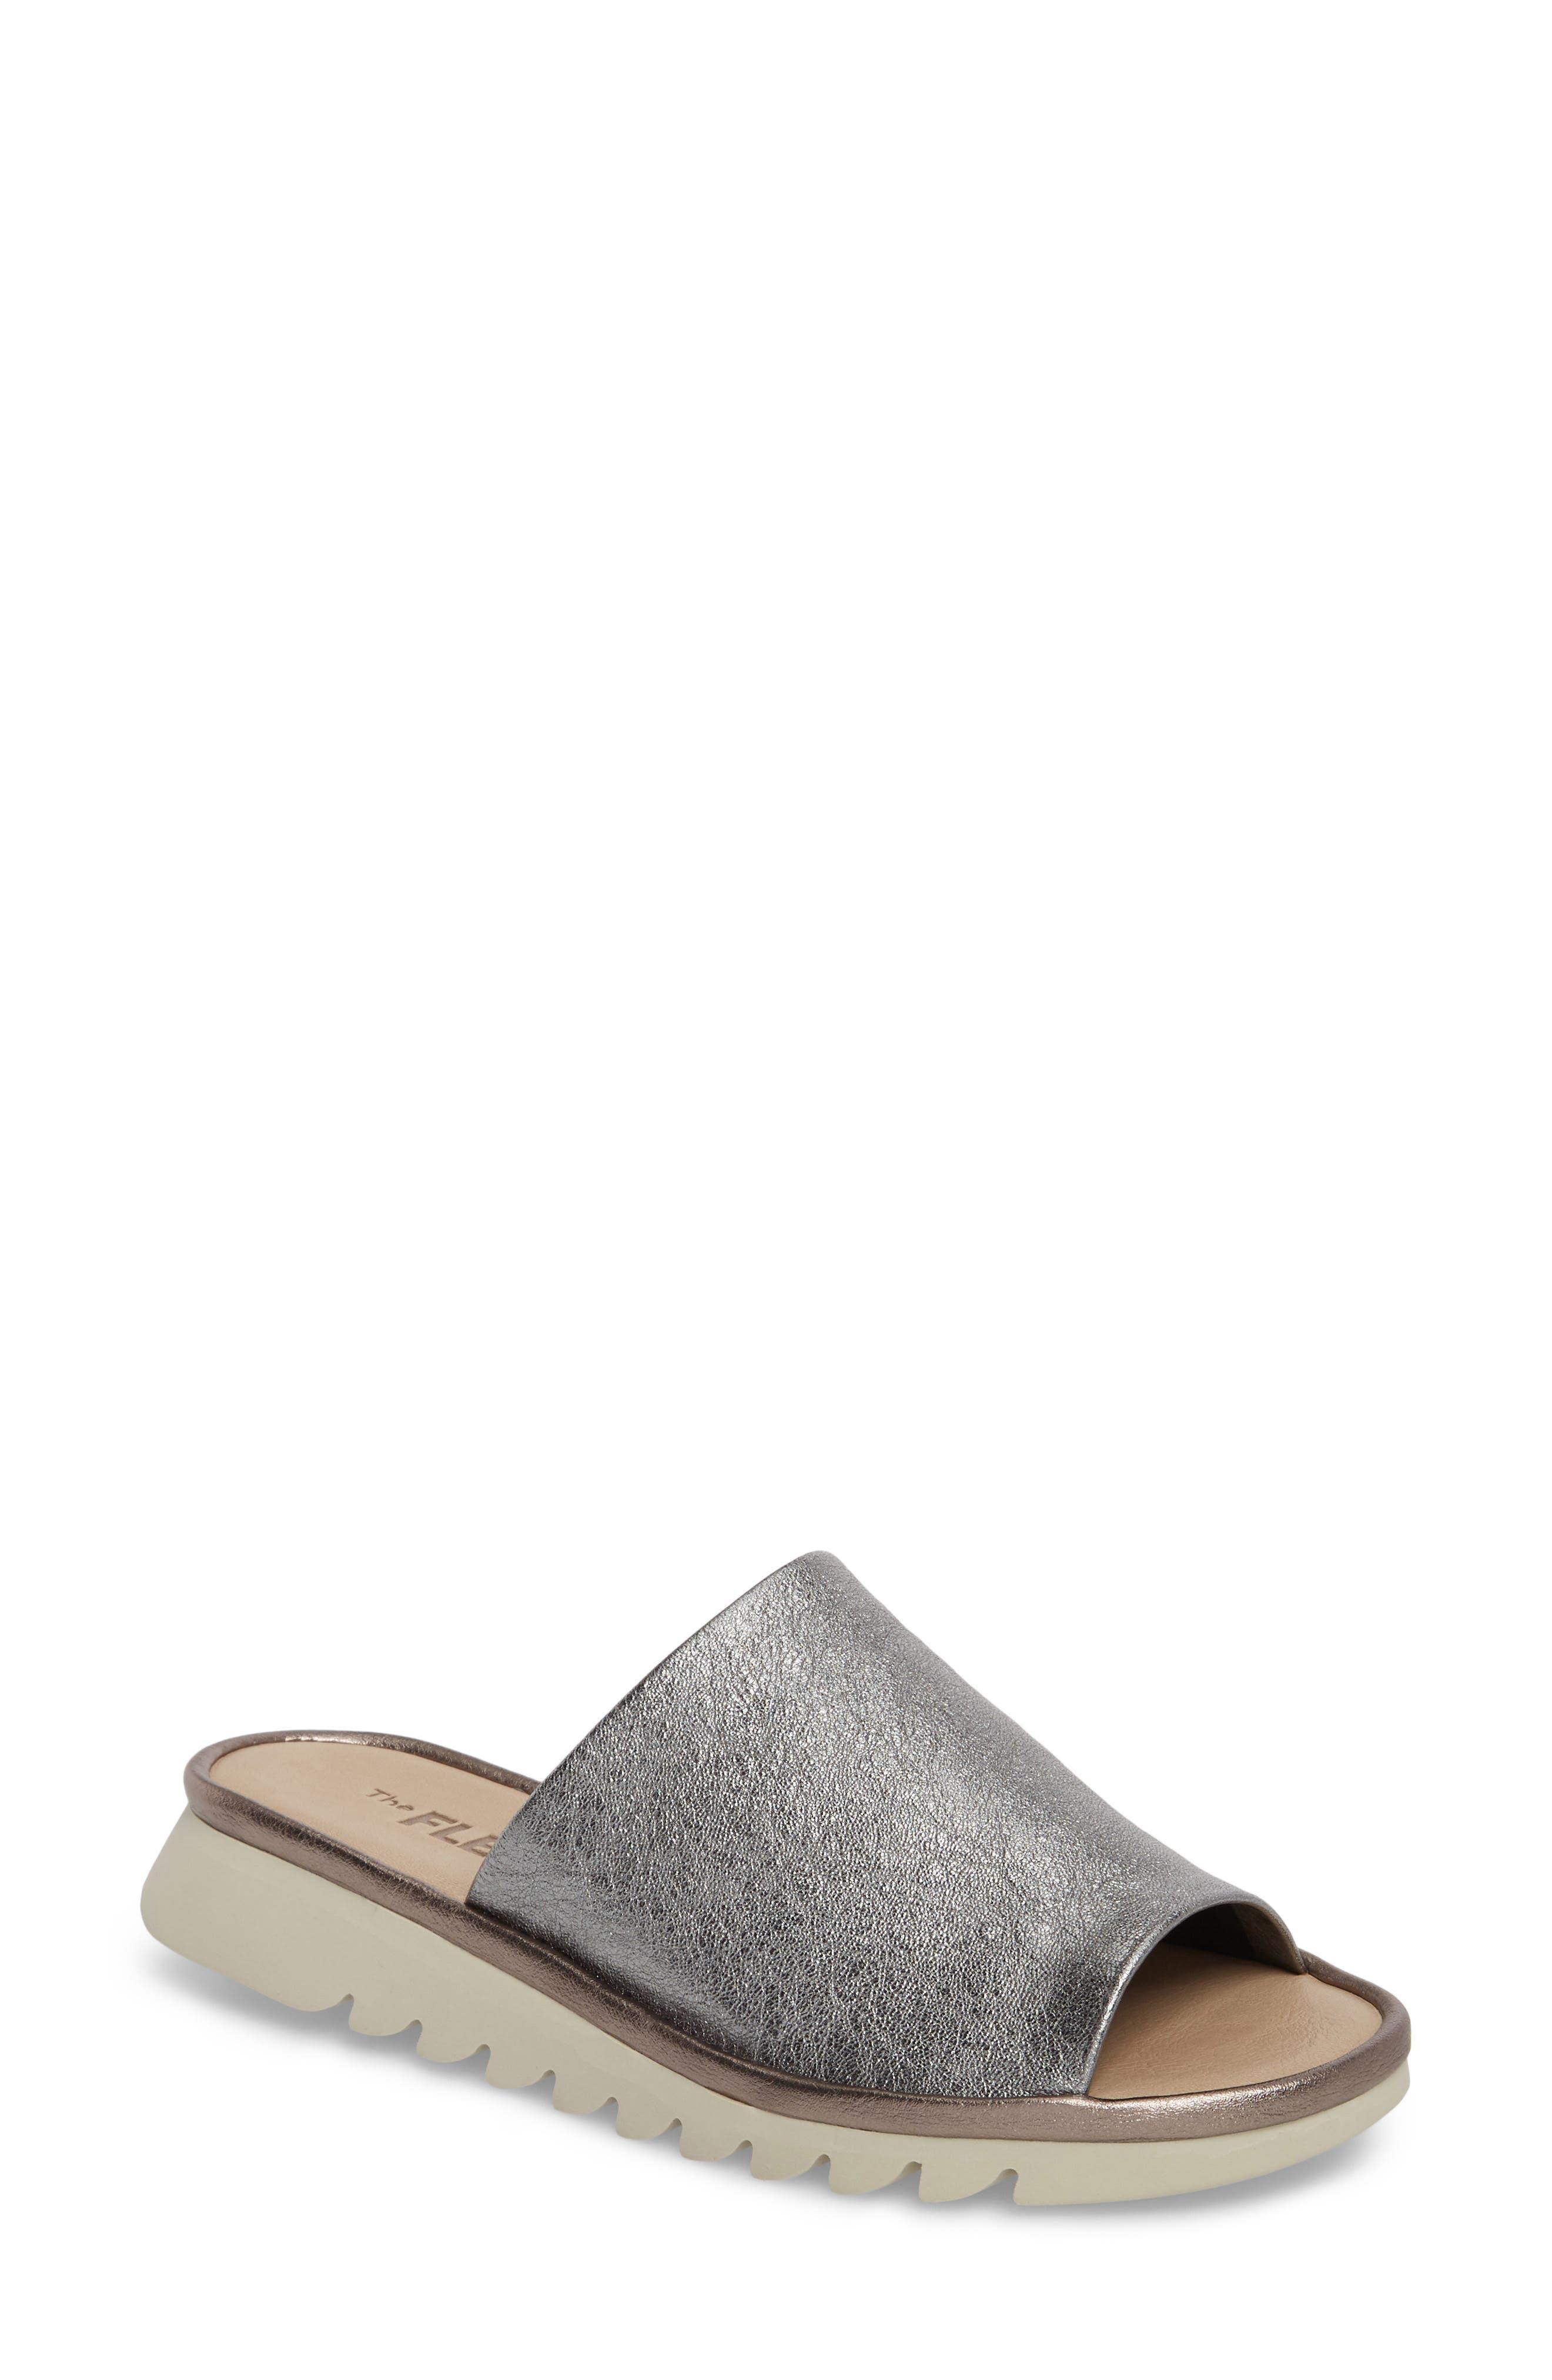 The Flexx Shore Thing Slide Sandal